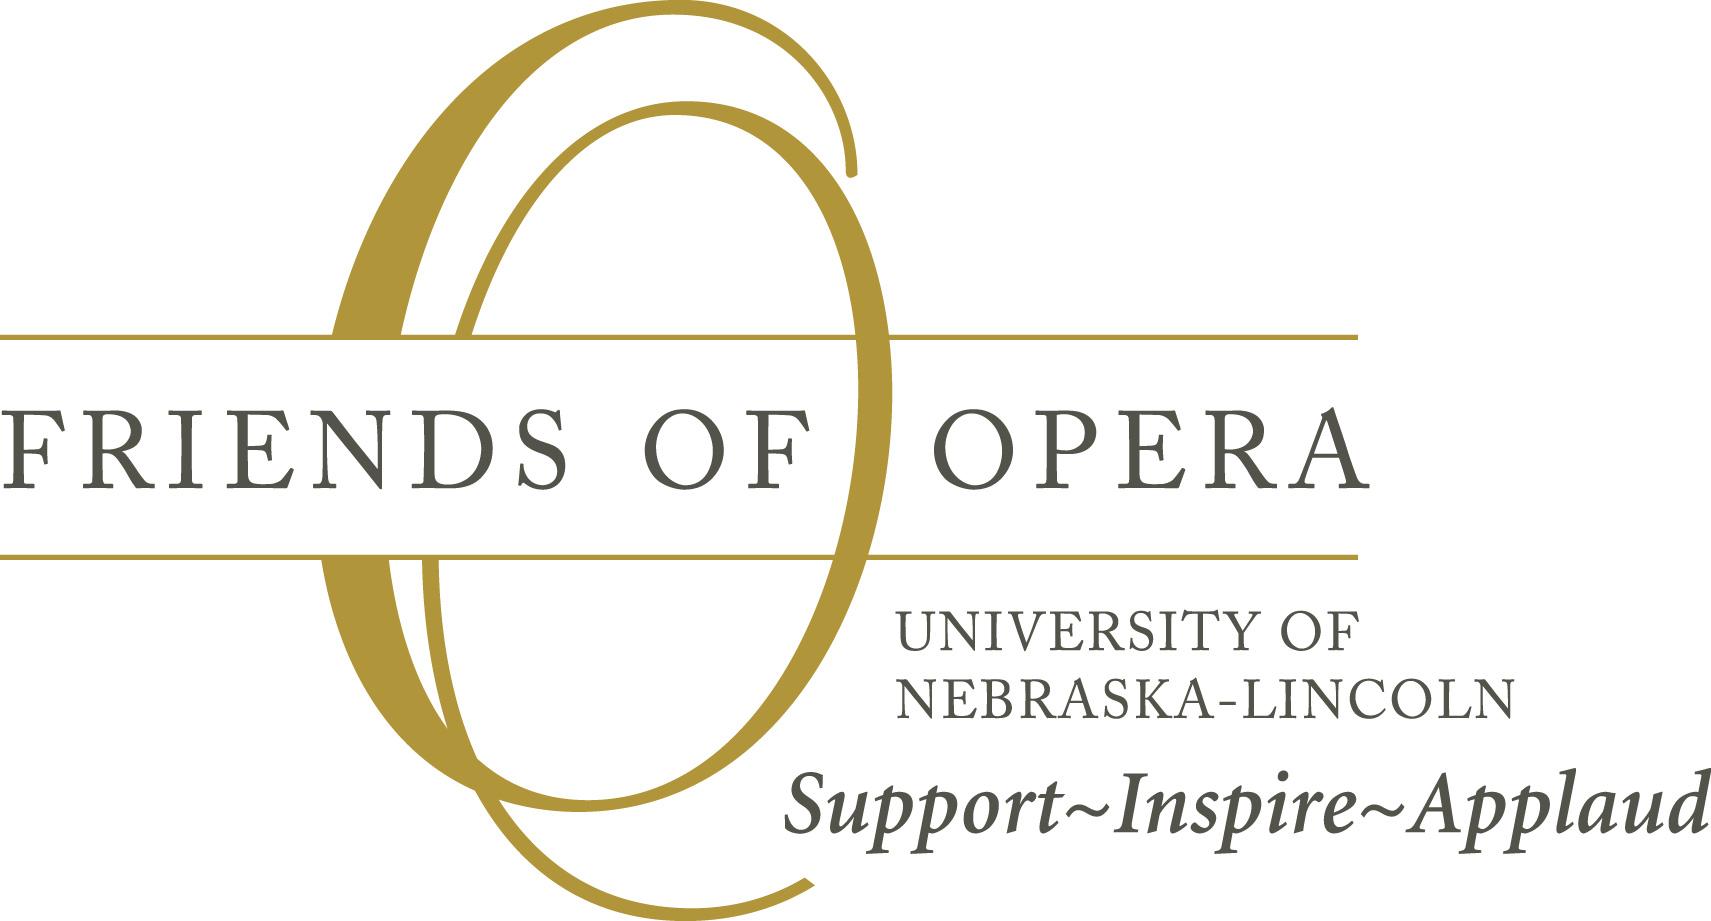 Friends of Opera